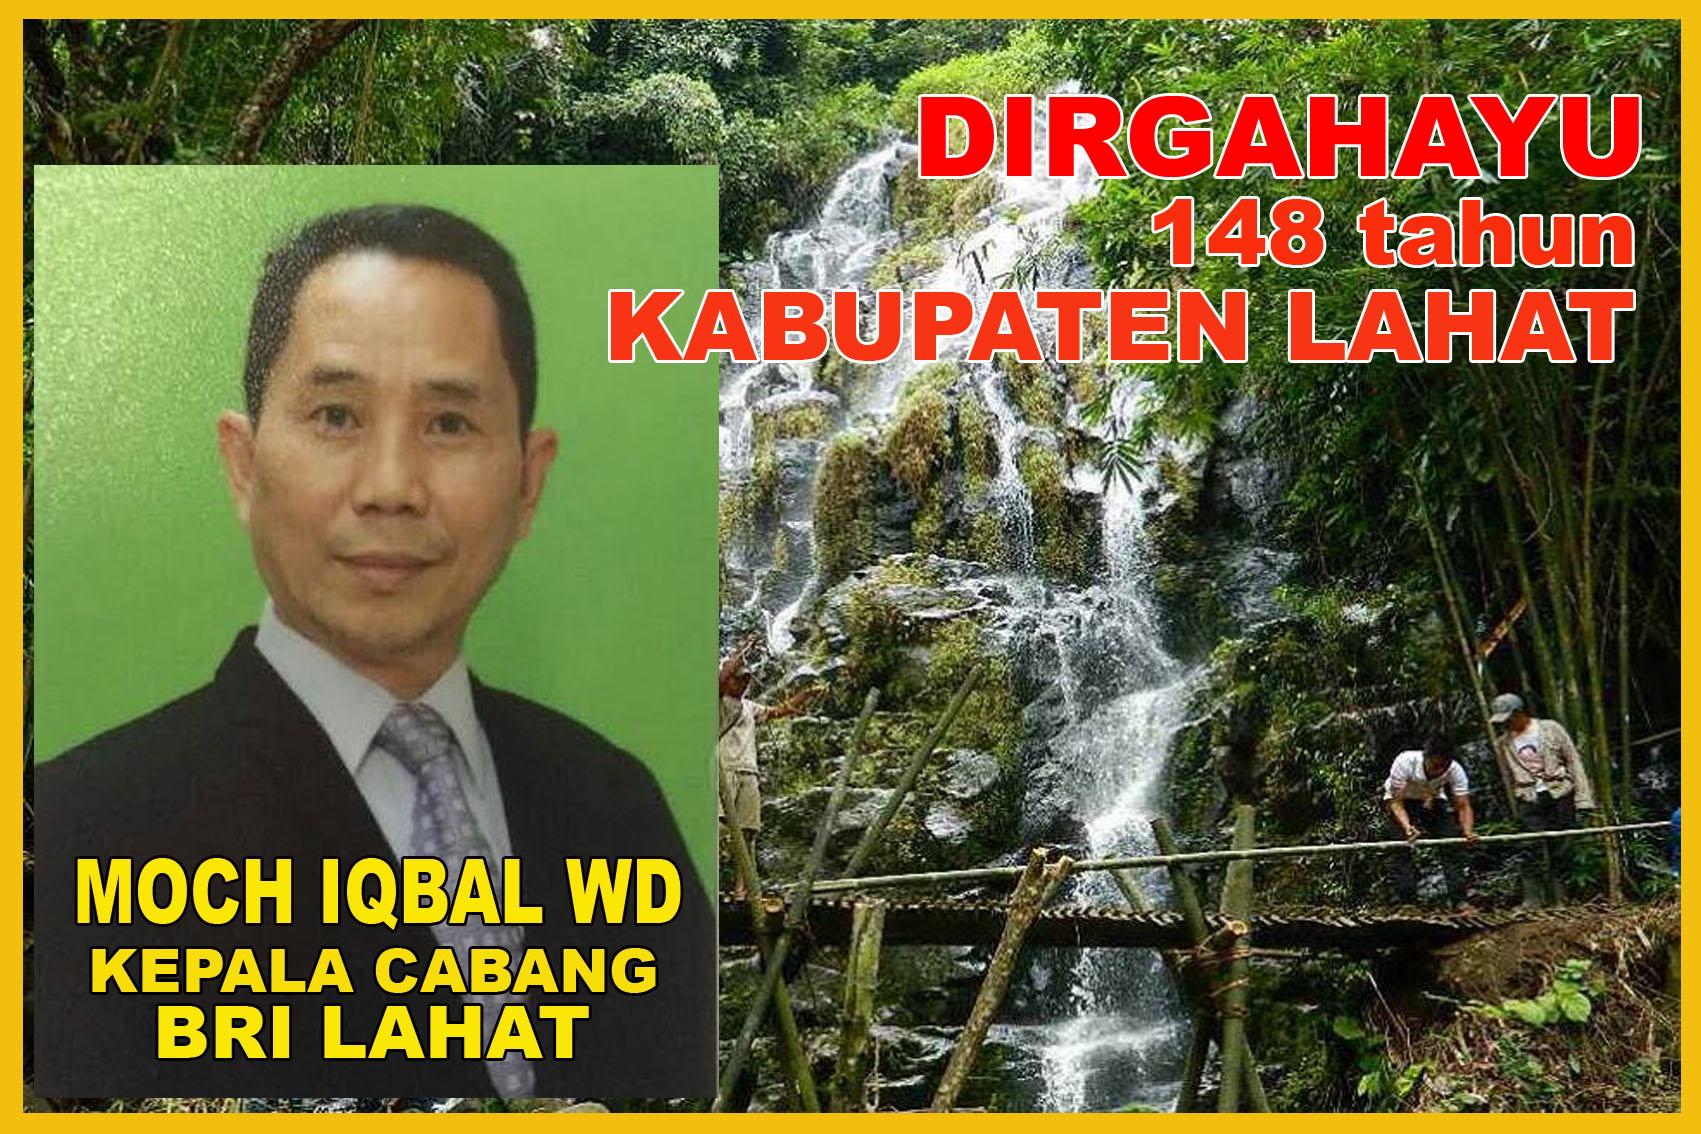 BRI LAHAT 148